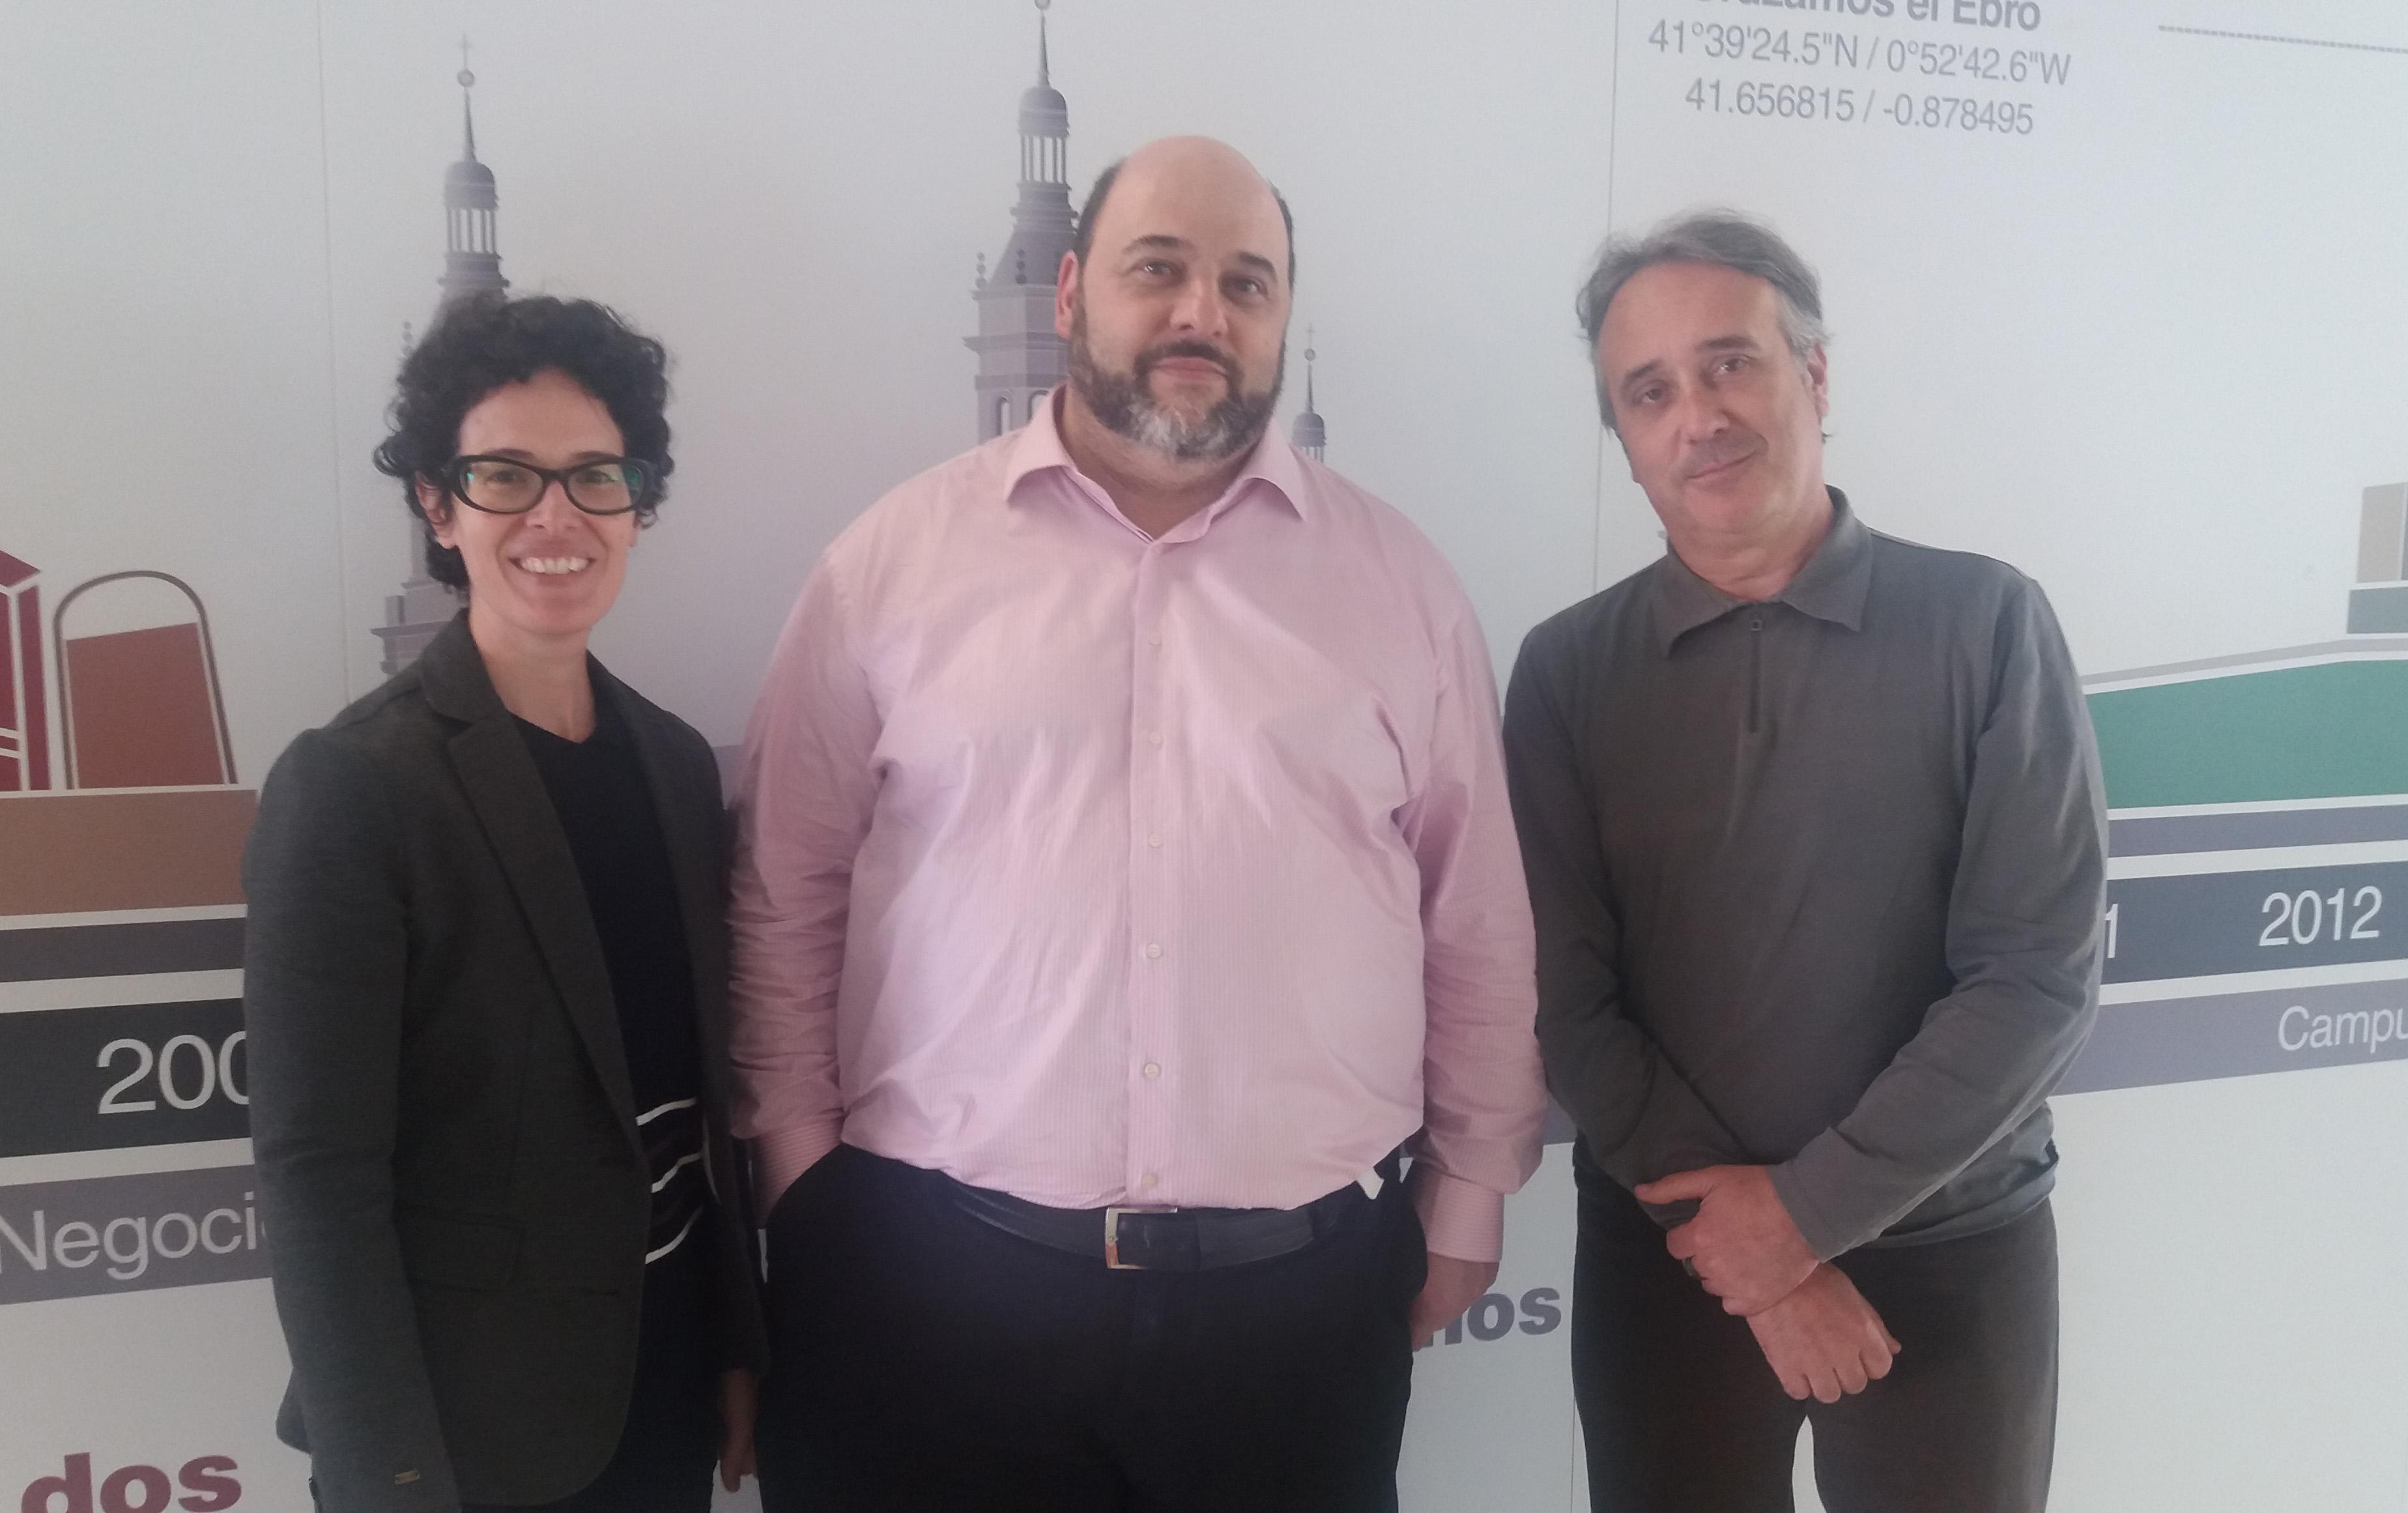 Asier Mensuro junto a Pilar Irala y Javier Hernández en el hall de la Facultad de Comunicación y CC.SS.